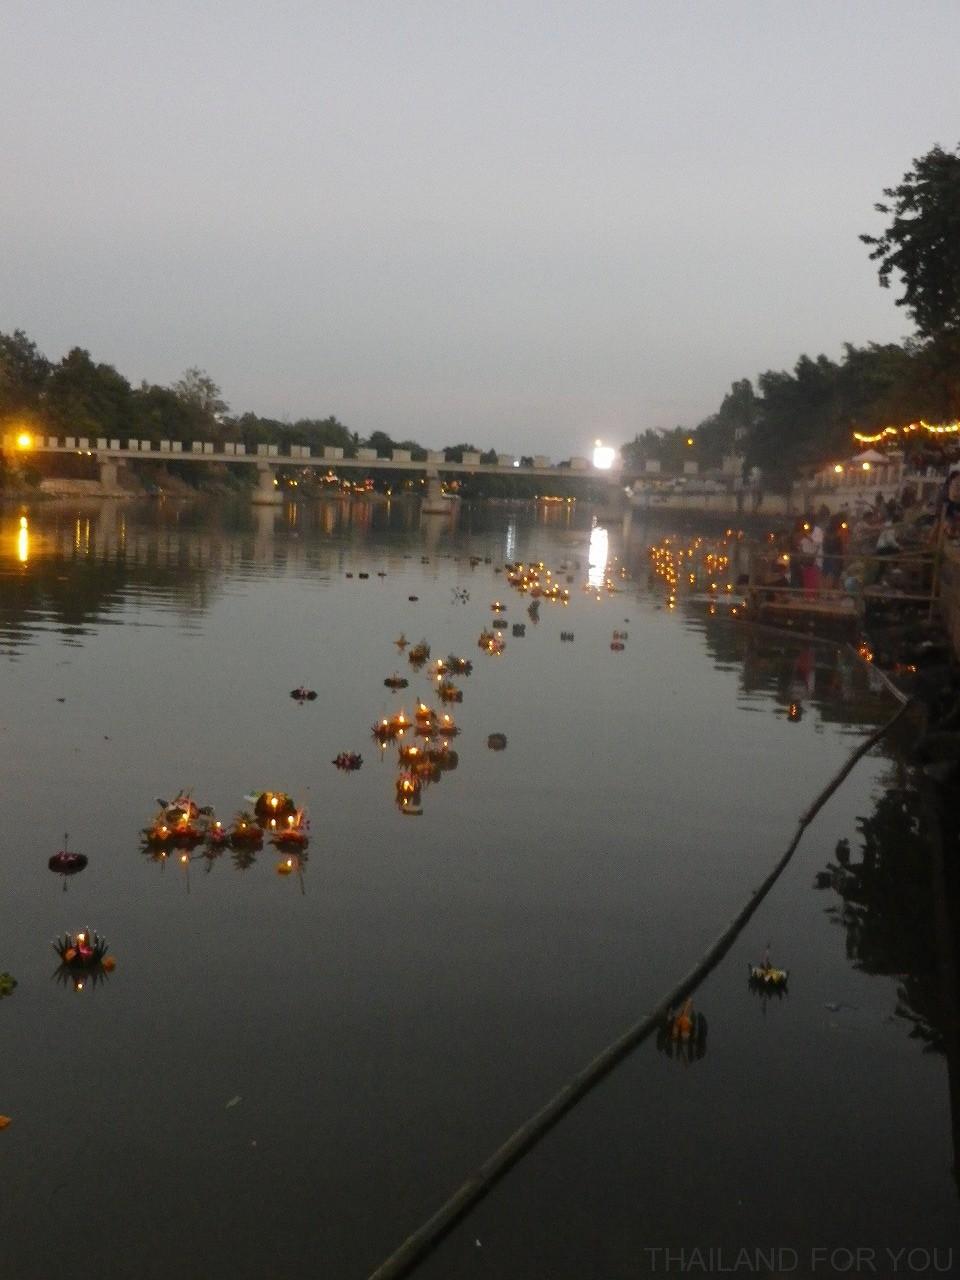 チェンマイ ロイクラトン イーペン祭り 灯篭流し 写真